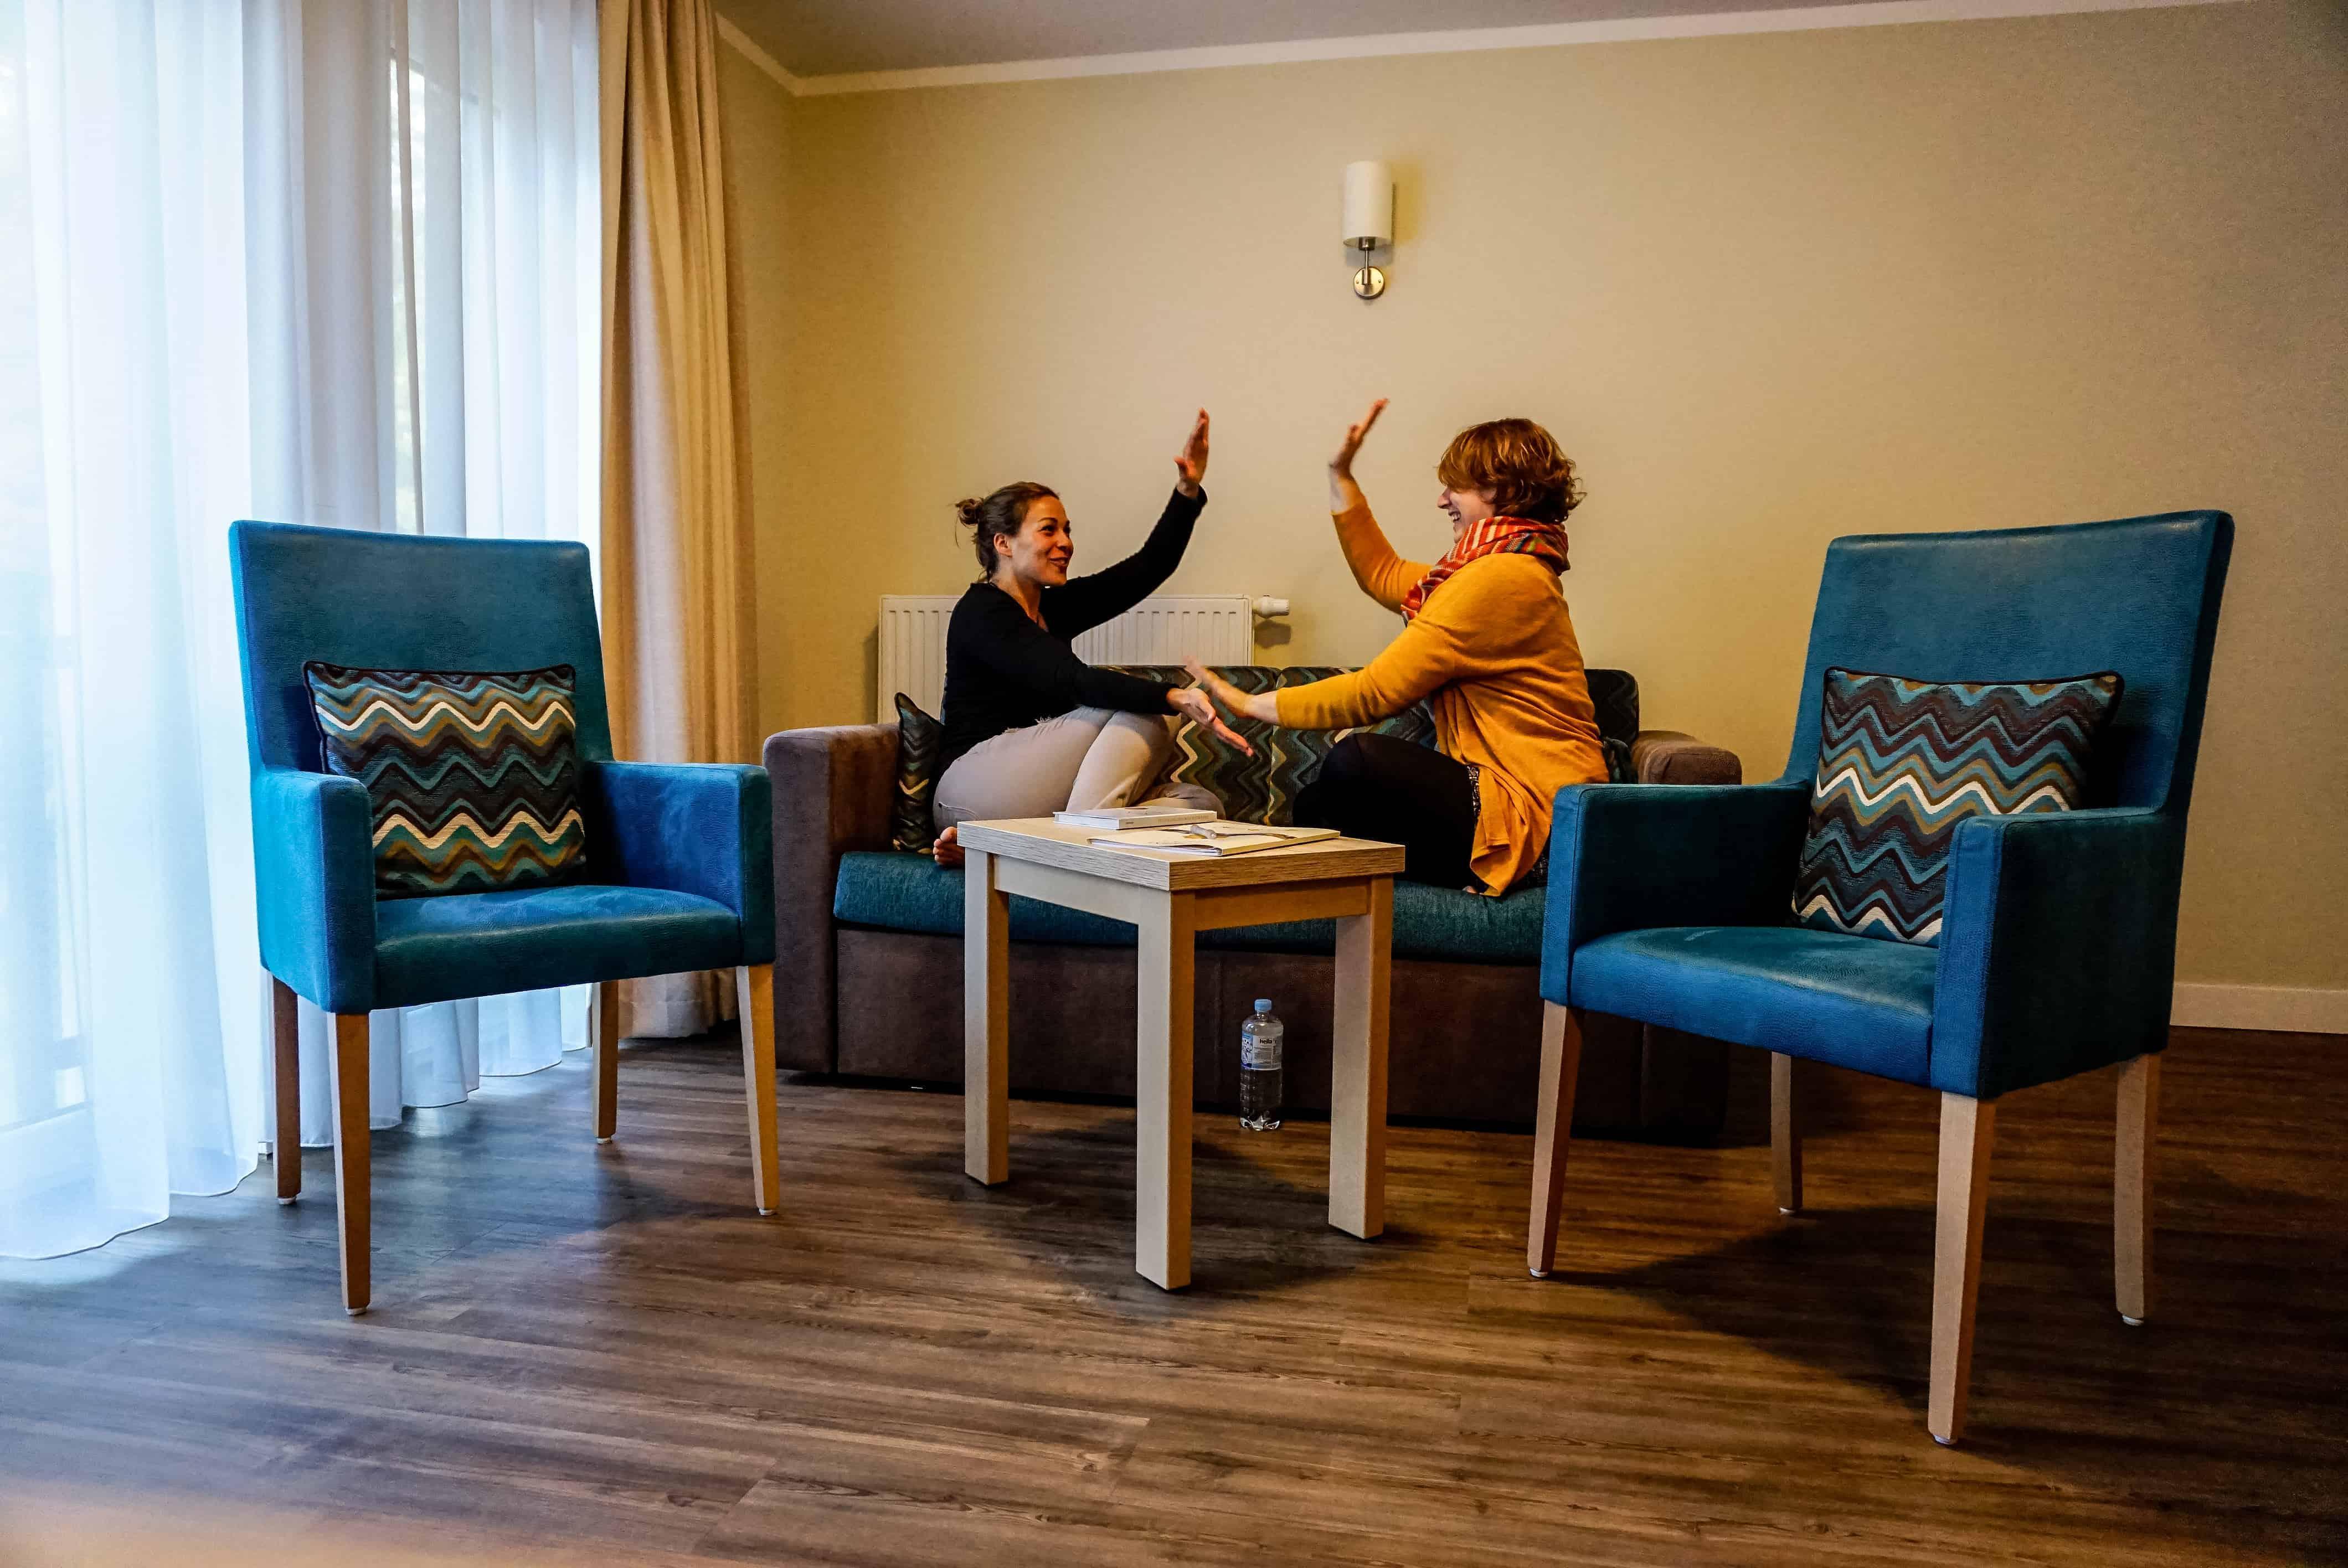 Erfahrungsbericht und Empfehlung zum Akzent Apartmenthotel Residenz in Graal-Müritz